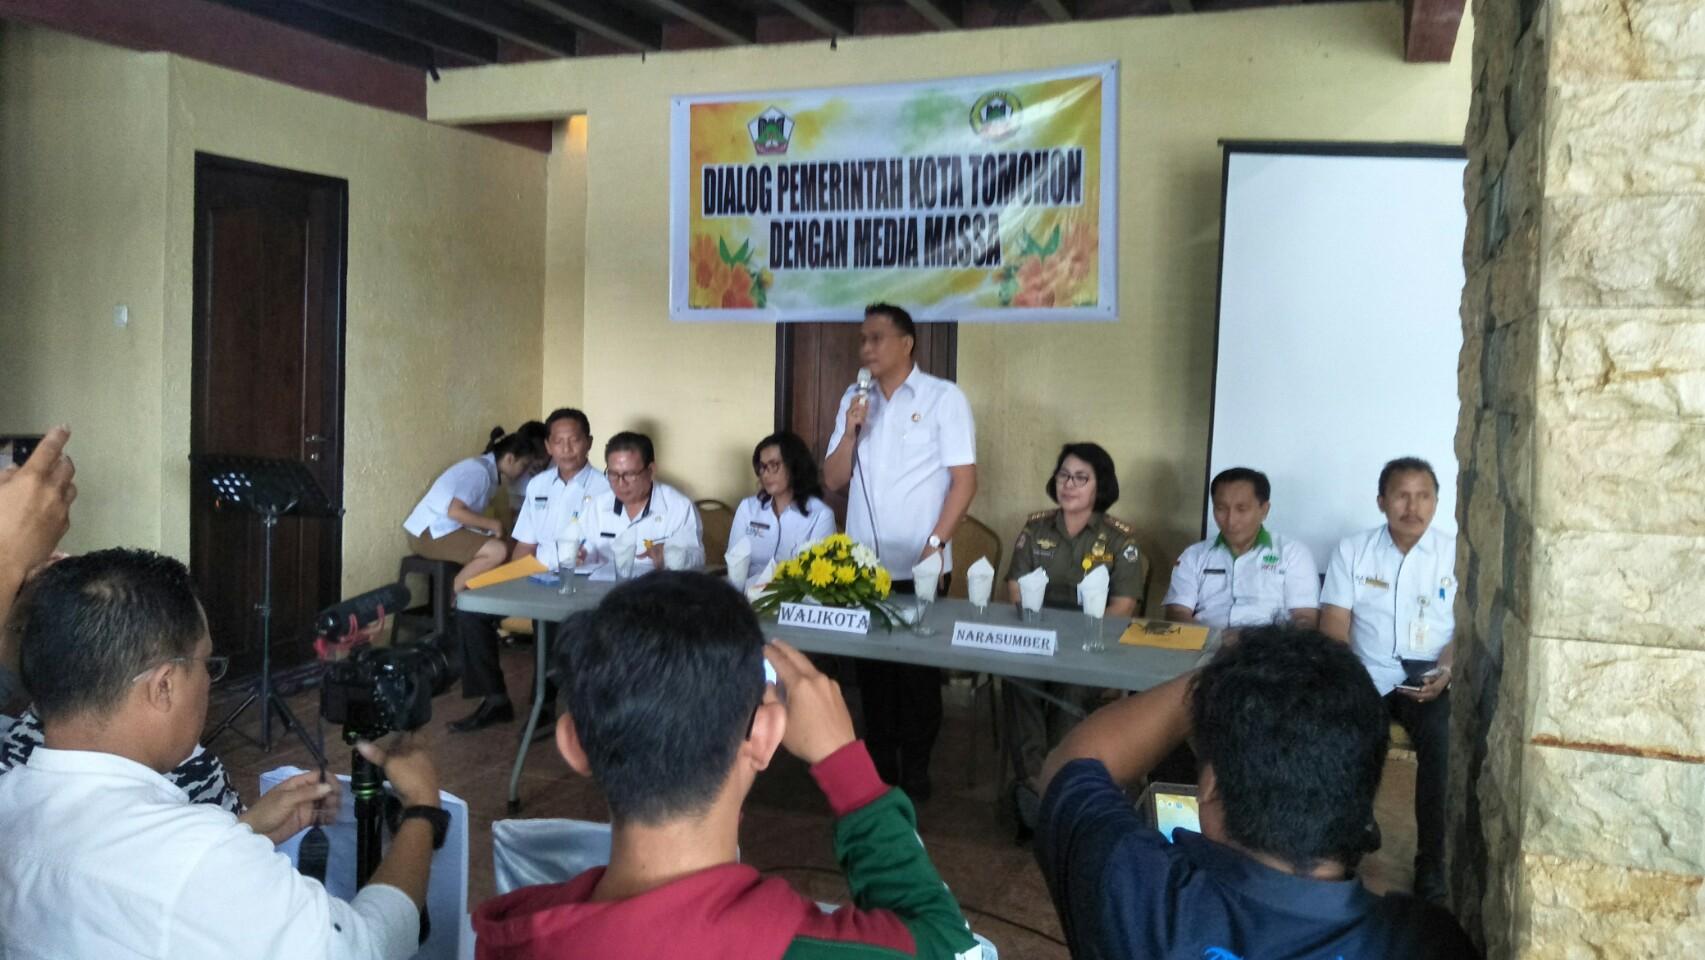 Walikota Eman: Peran Wartawan Ikut Dorong Pembangunan Tomohon